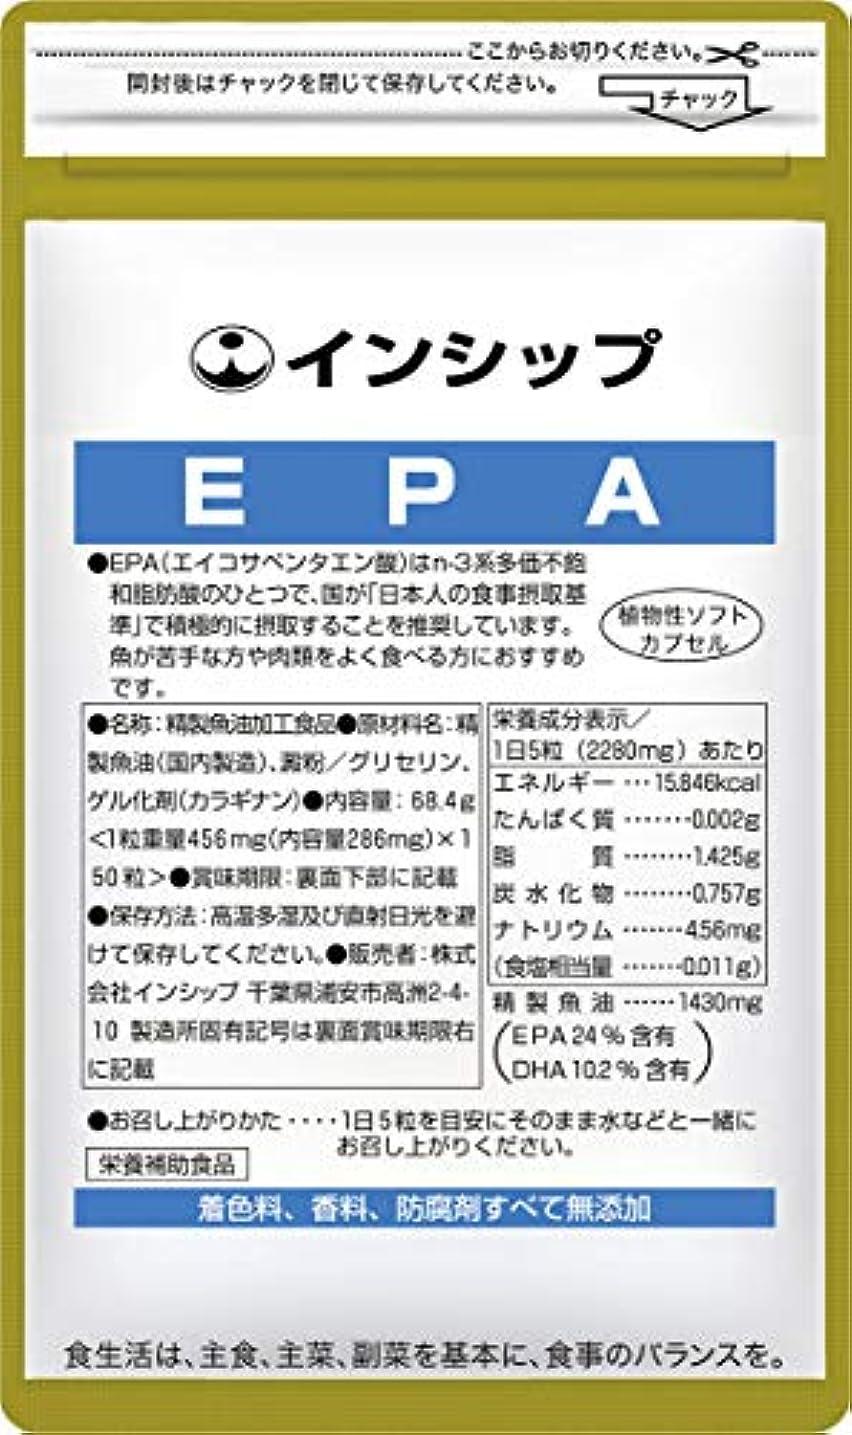 支援するスカープつかまえるインシップ EPA(エイコサペンタエン酸) 440mg×150粒 30日分